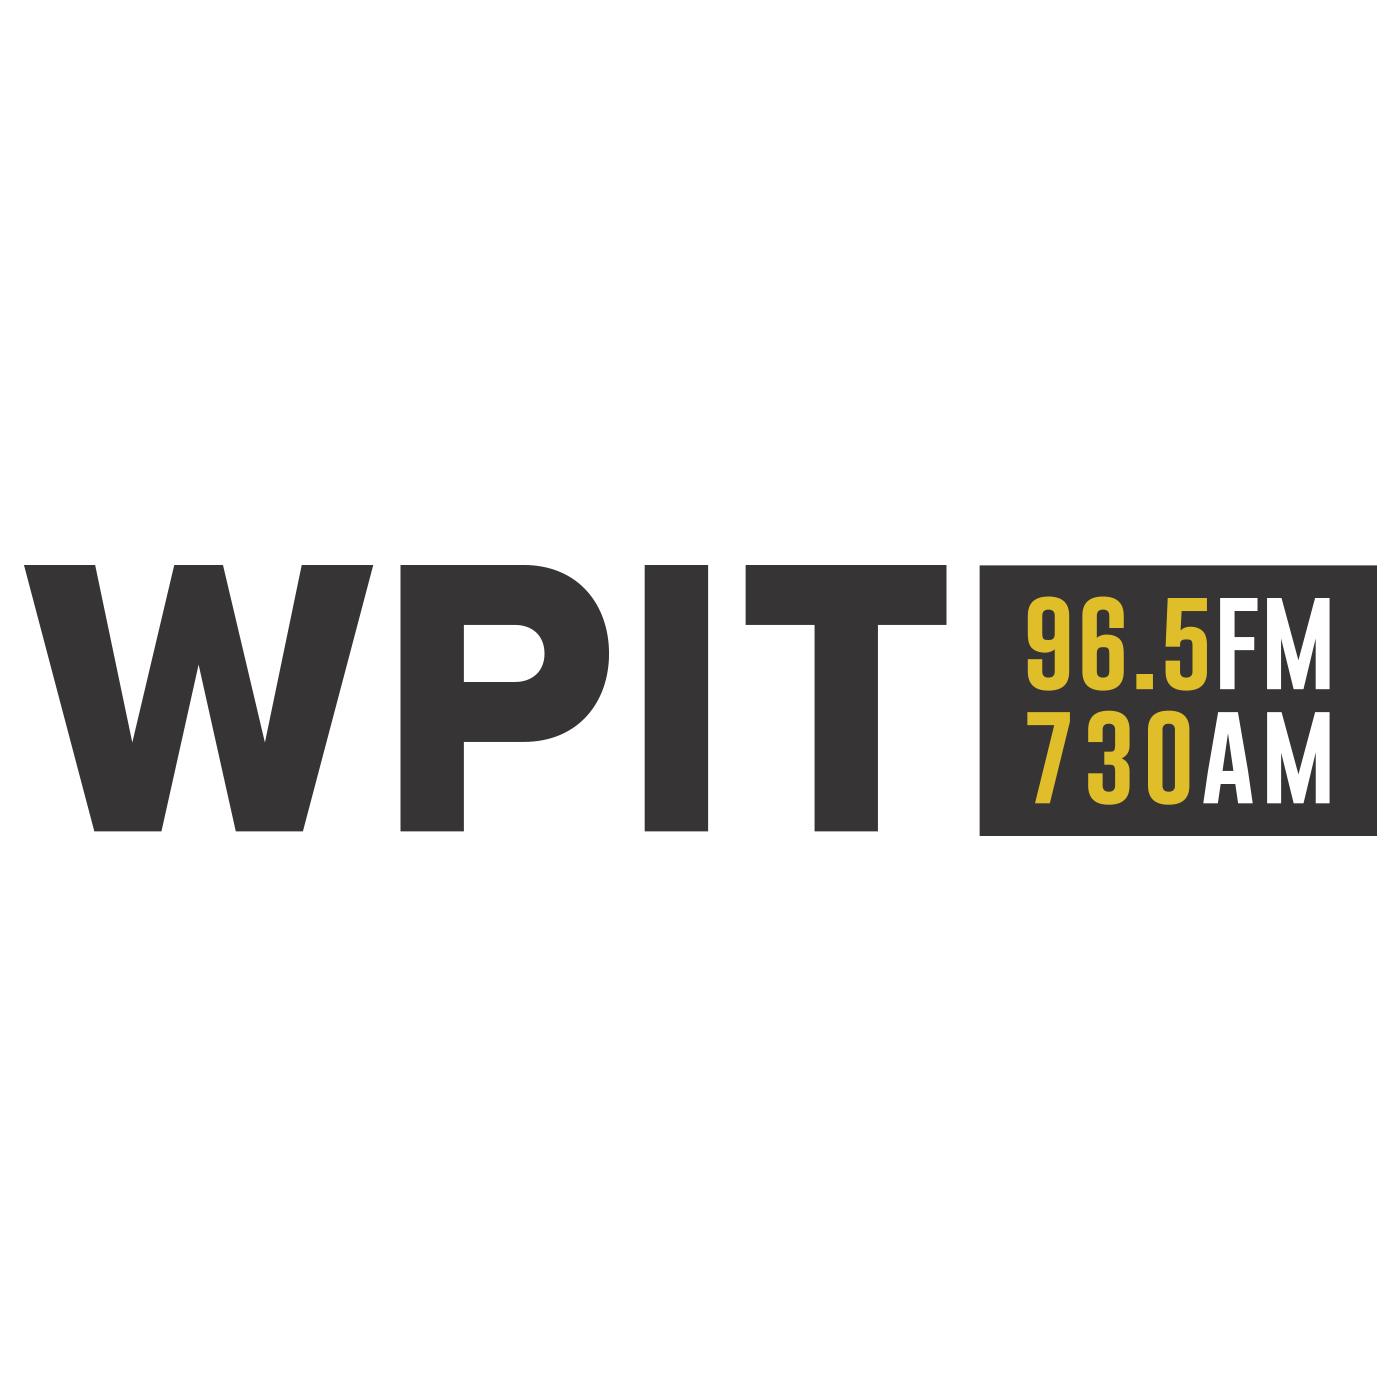 WPIT 96.5 FM 730 AM